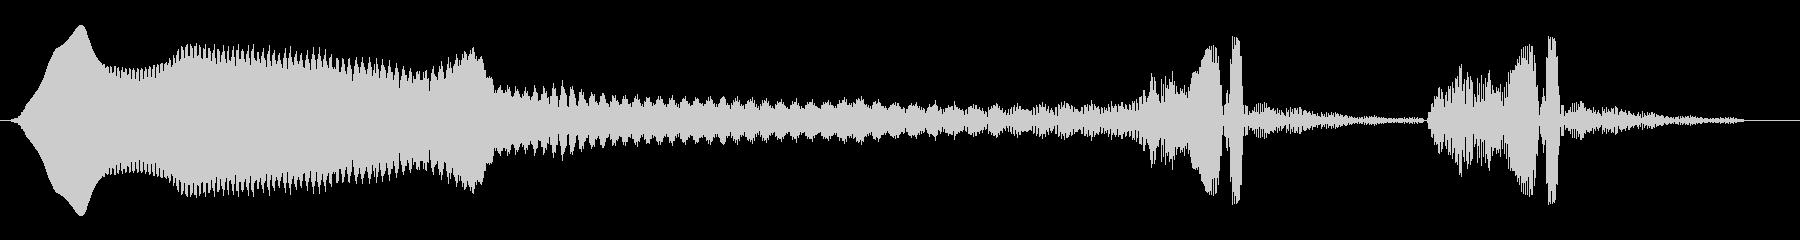 ヒュウーン、ウンウン(長い落下後余韻)の未再生の波形